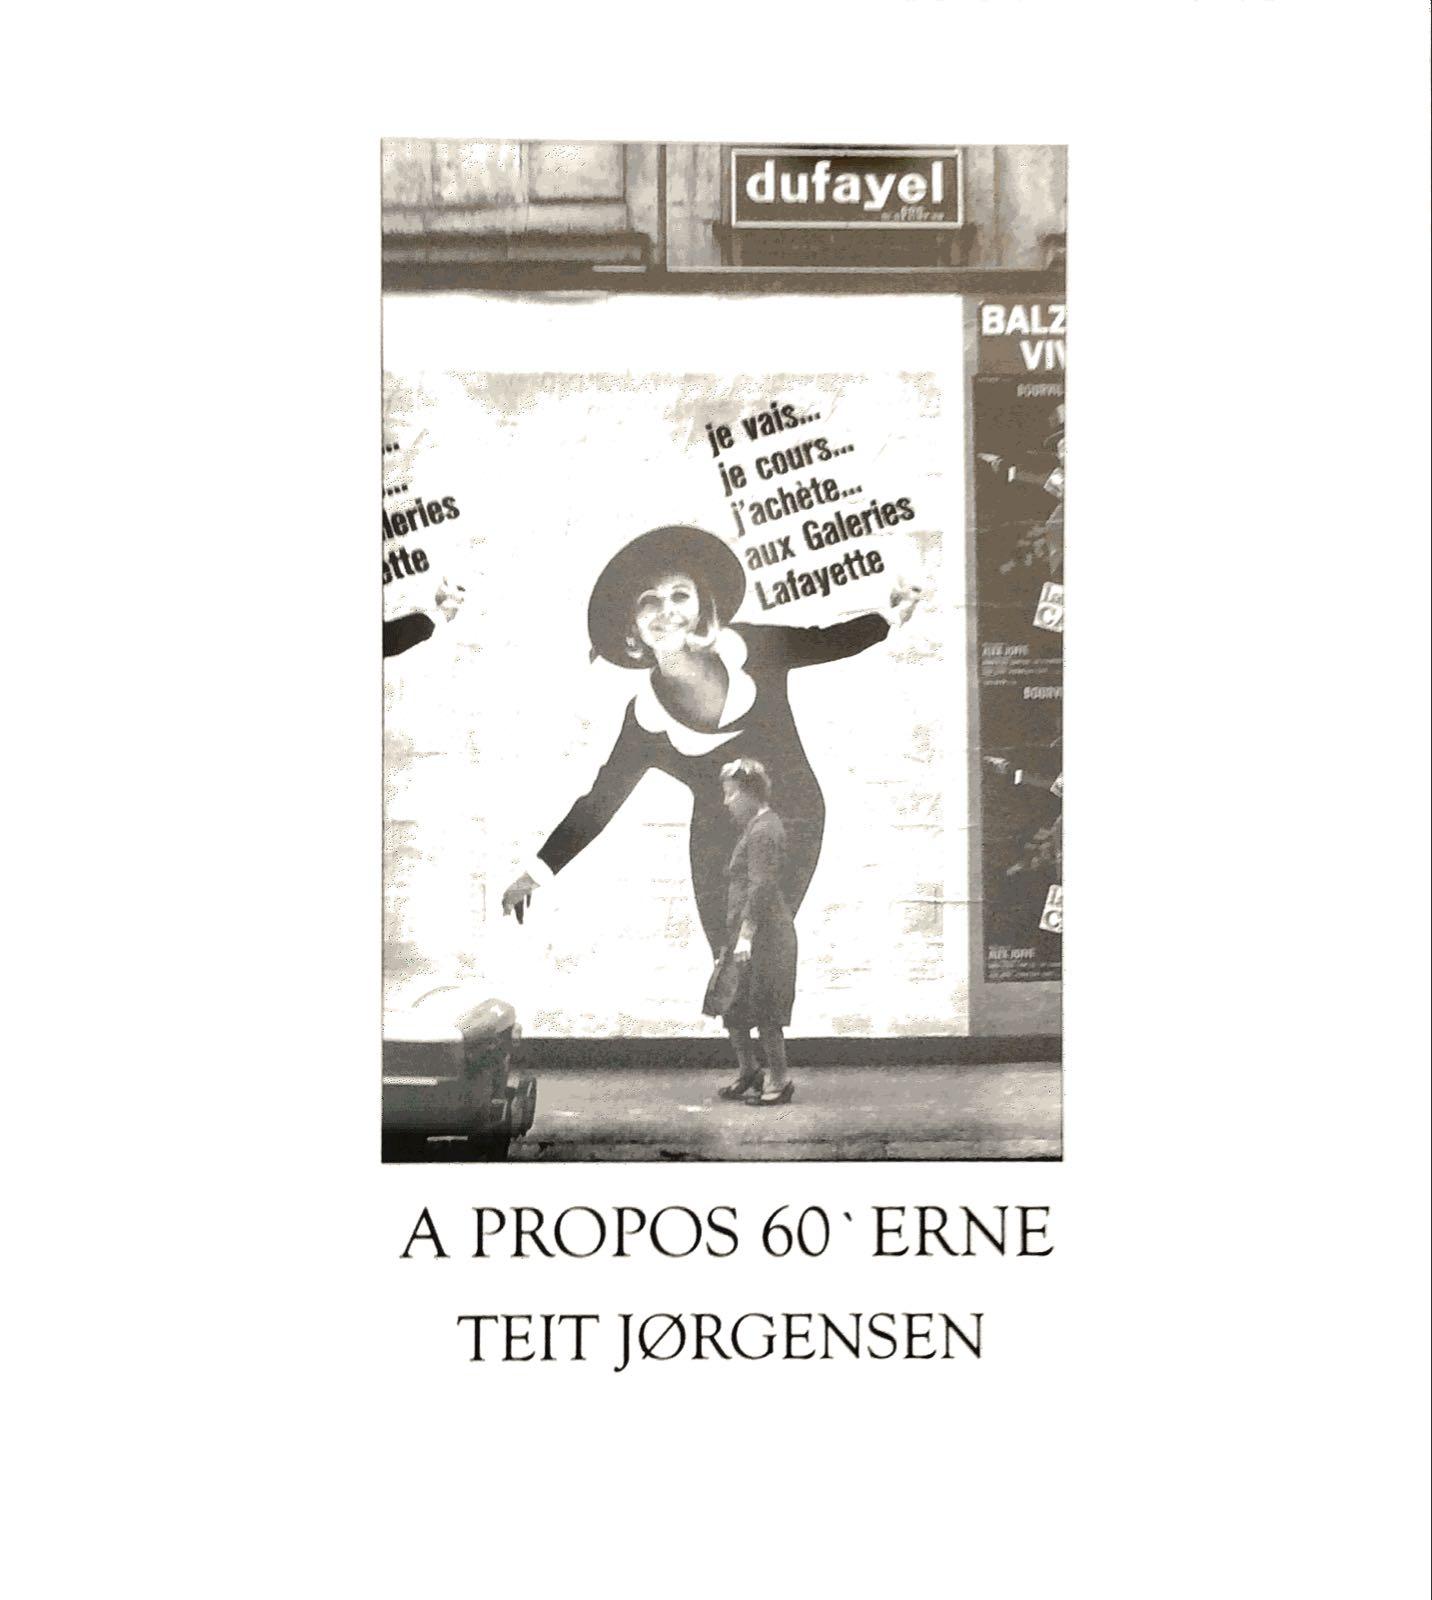 Jørgensen, Teit. A propos 60'erne